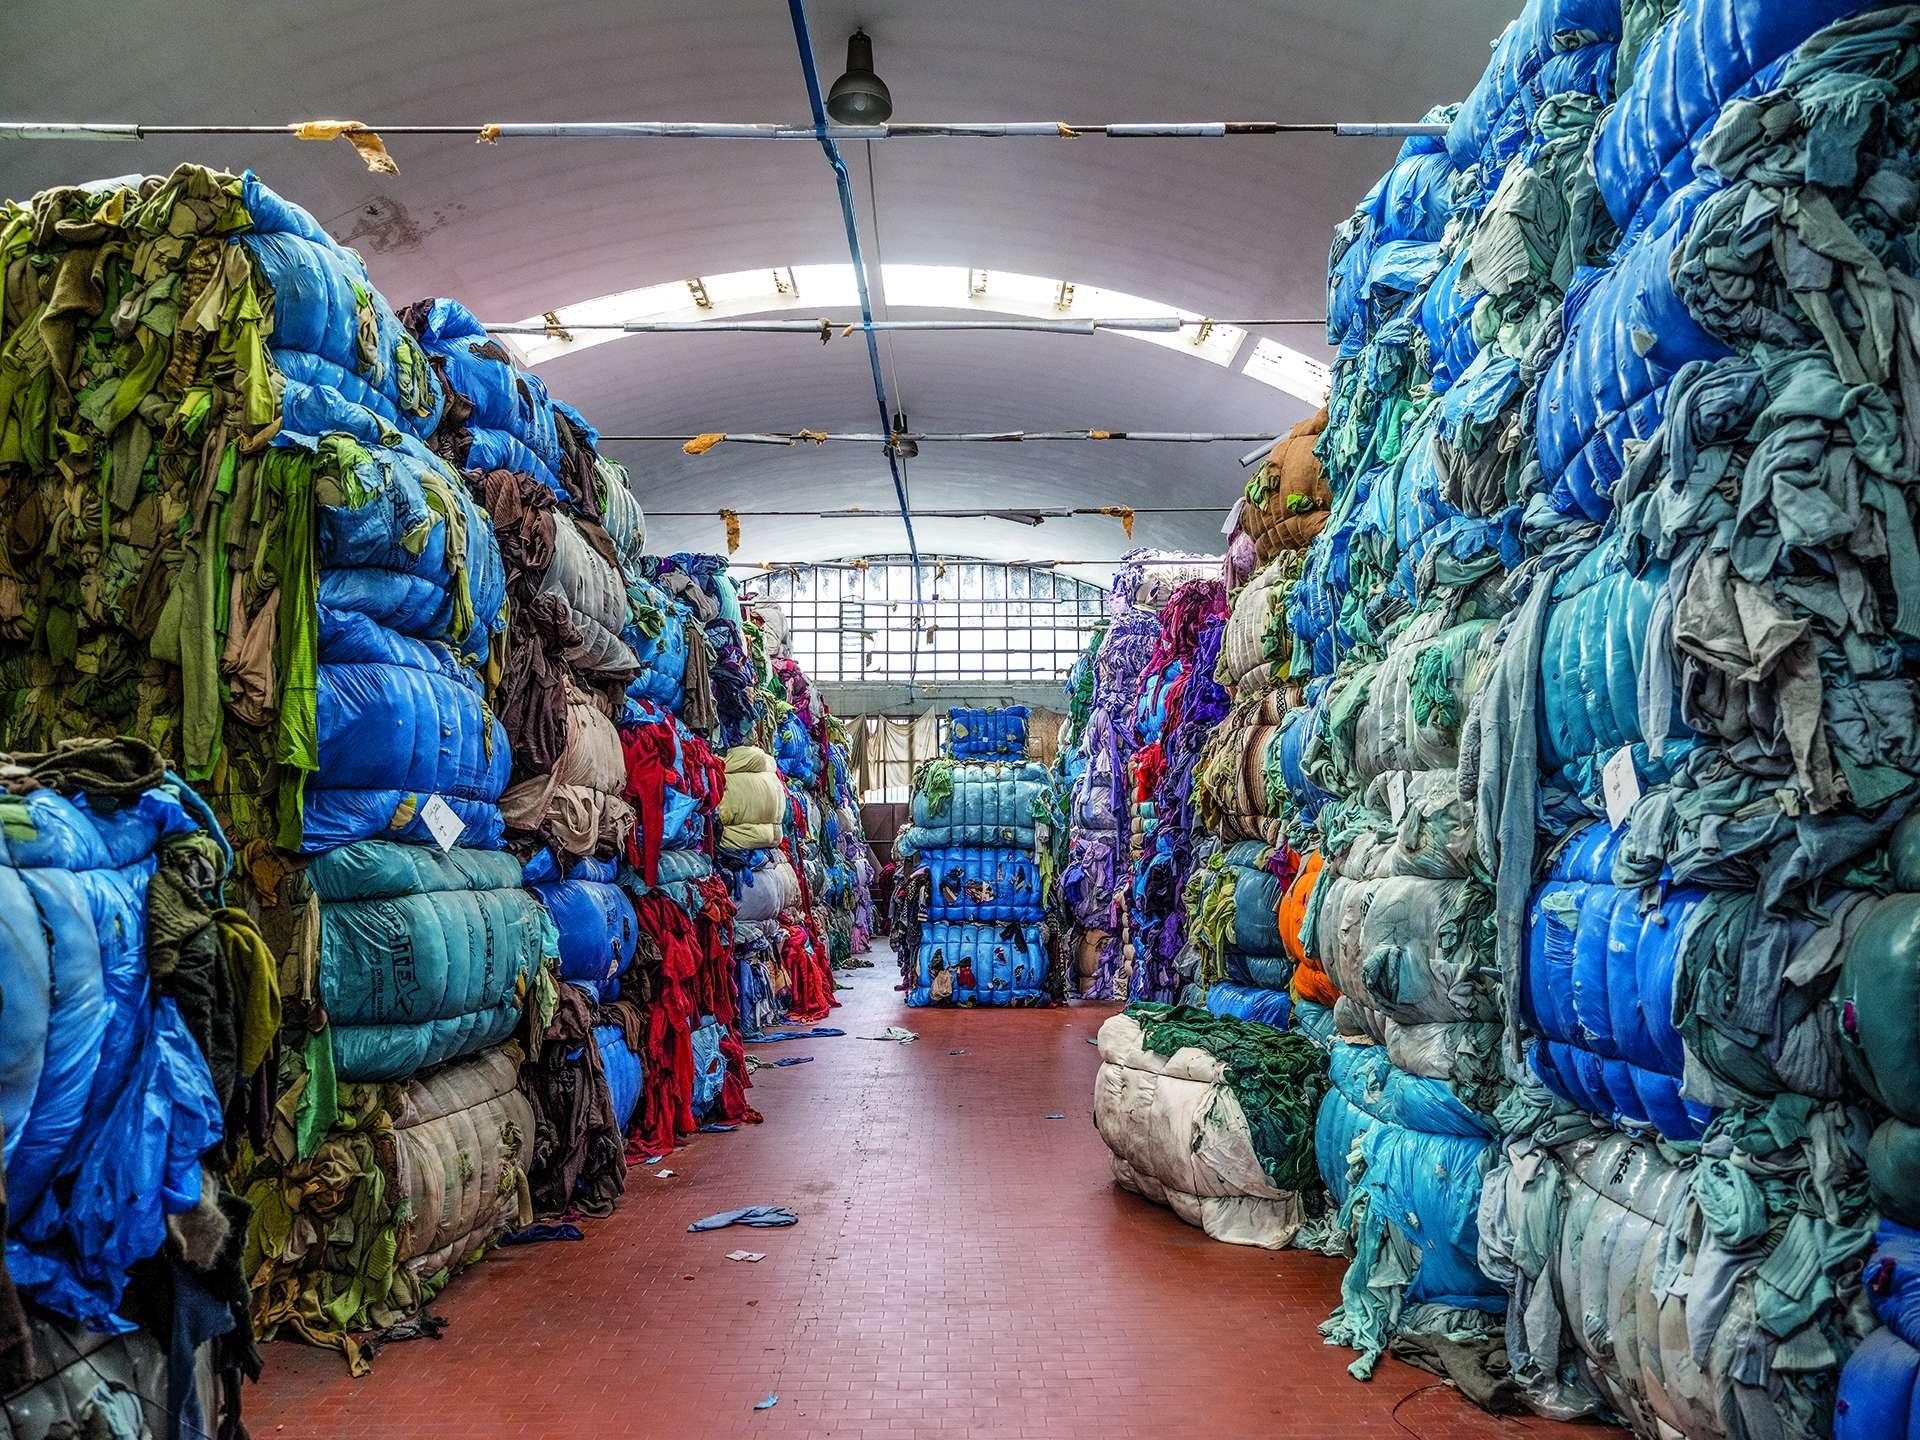 義大利普拉托一間公司的回收場,成捆的廢棄布料經過處理後將用來製作成新衣服,這是循環經濟的一個實踐案例。攝影: 盧卡. 洛卡泰利 LUCA LOCATELLI